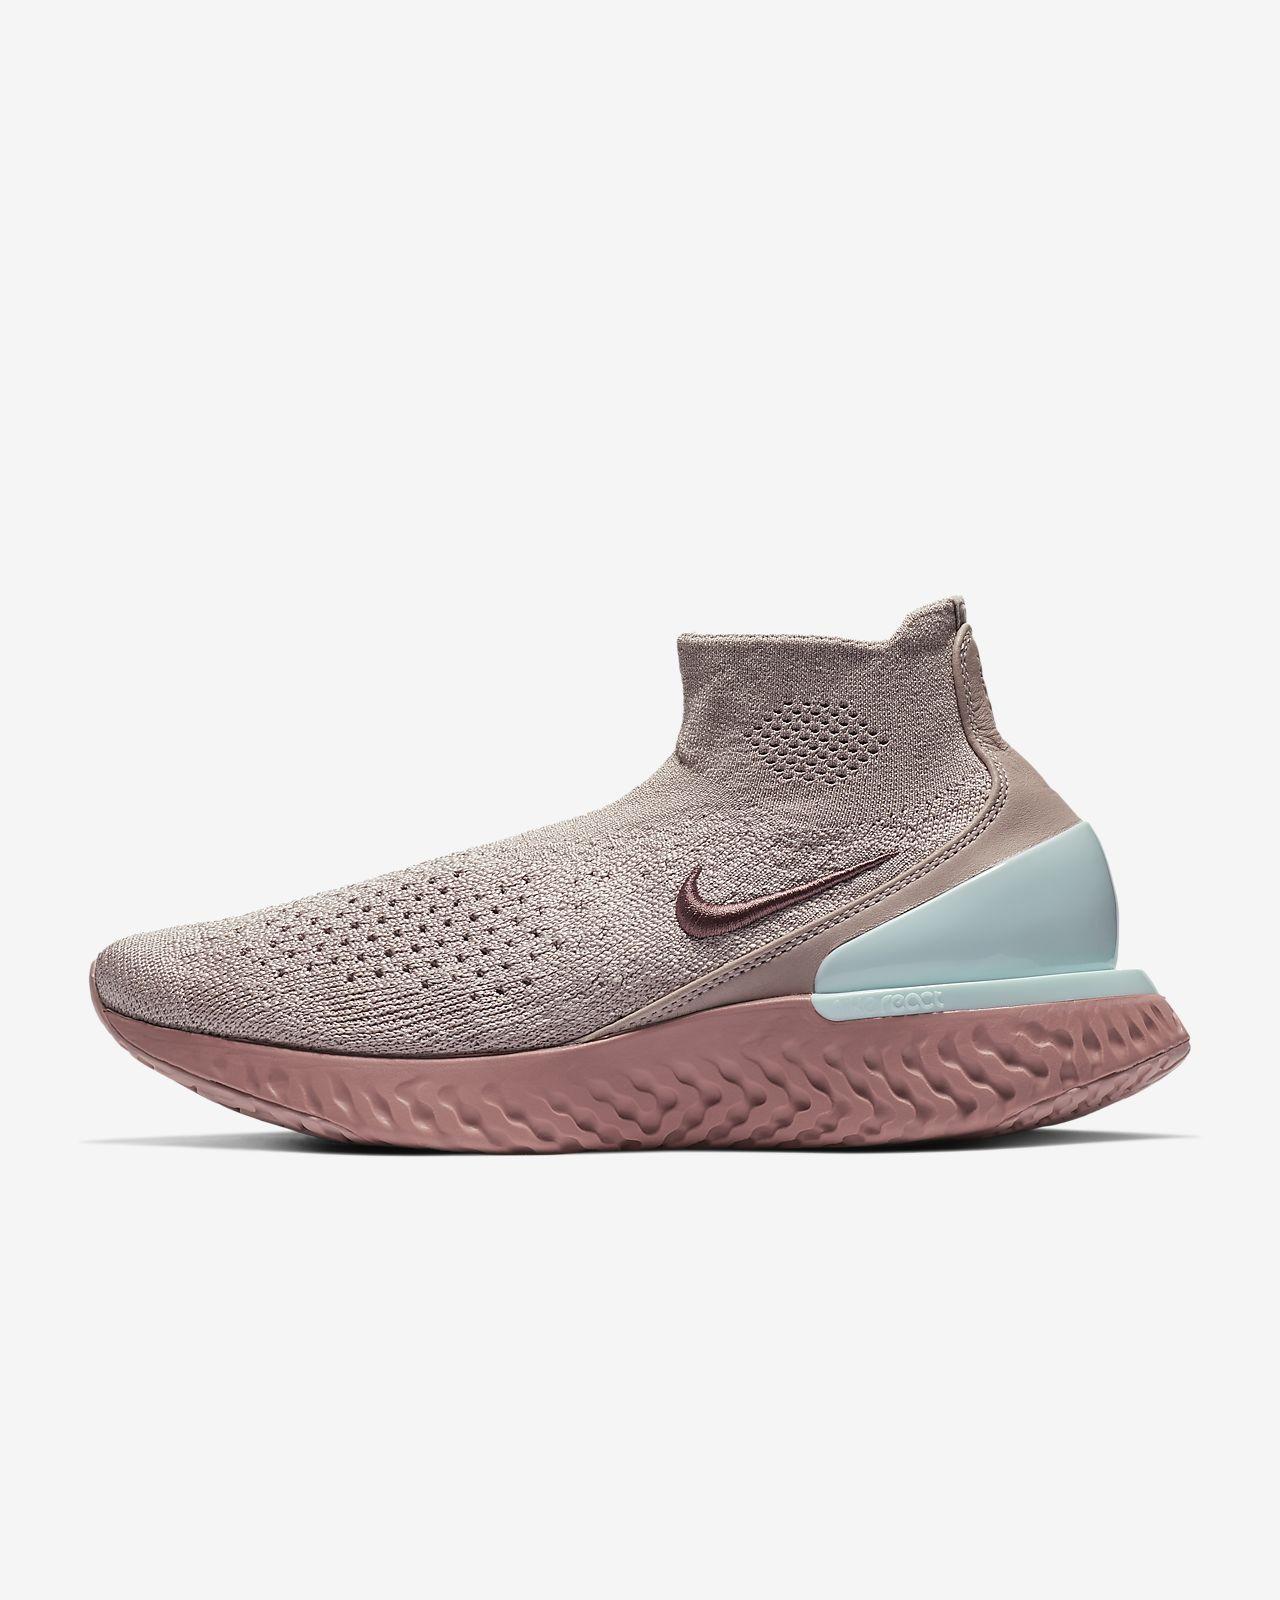 sale retailer 5209c f1345 Nike Rise React Flyknit Women's Running Shoe. Nike.com IN